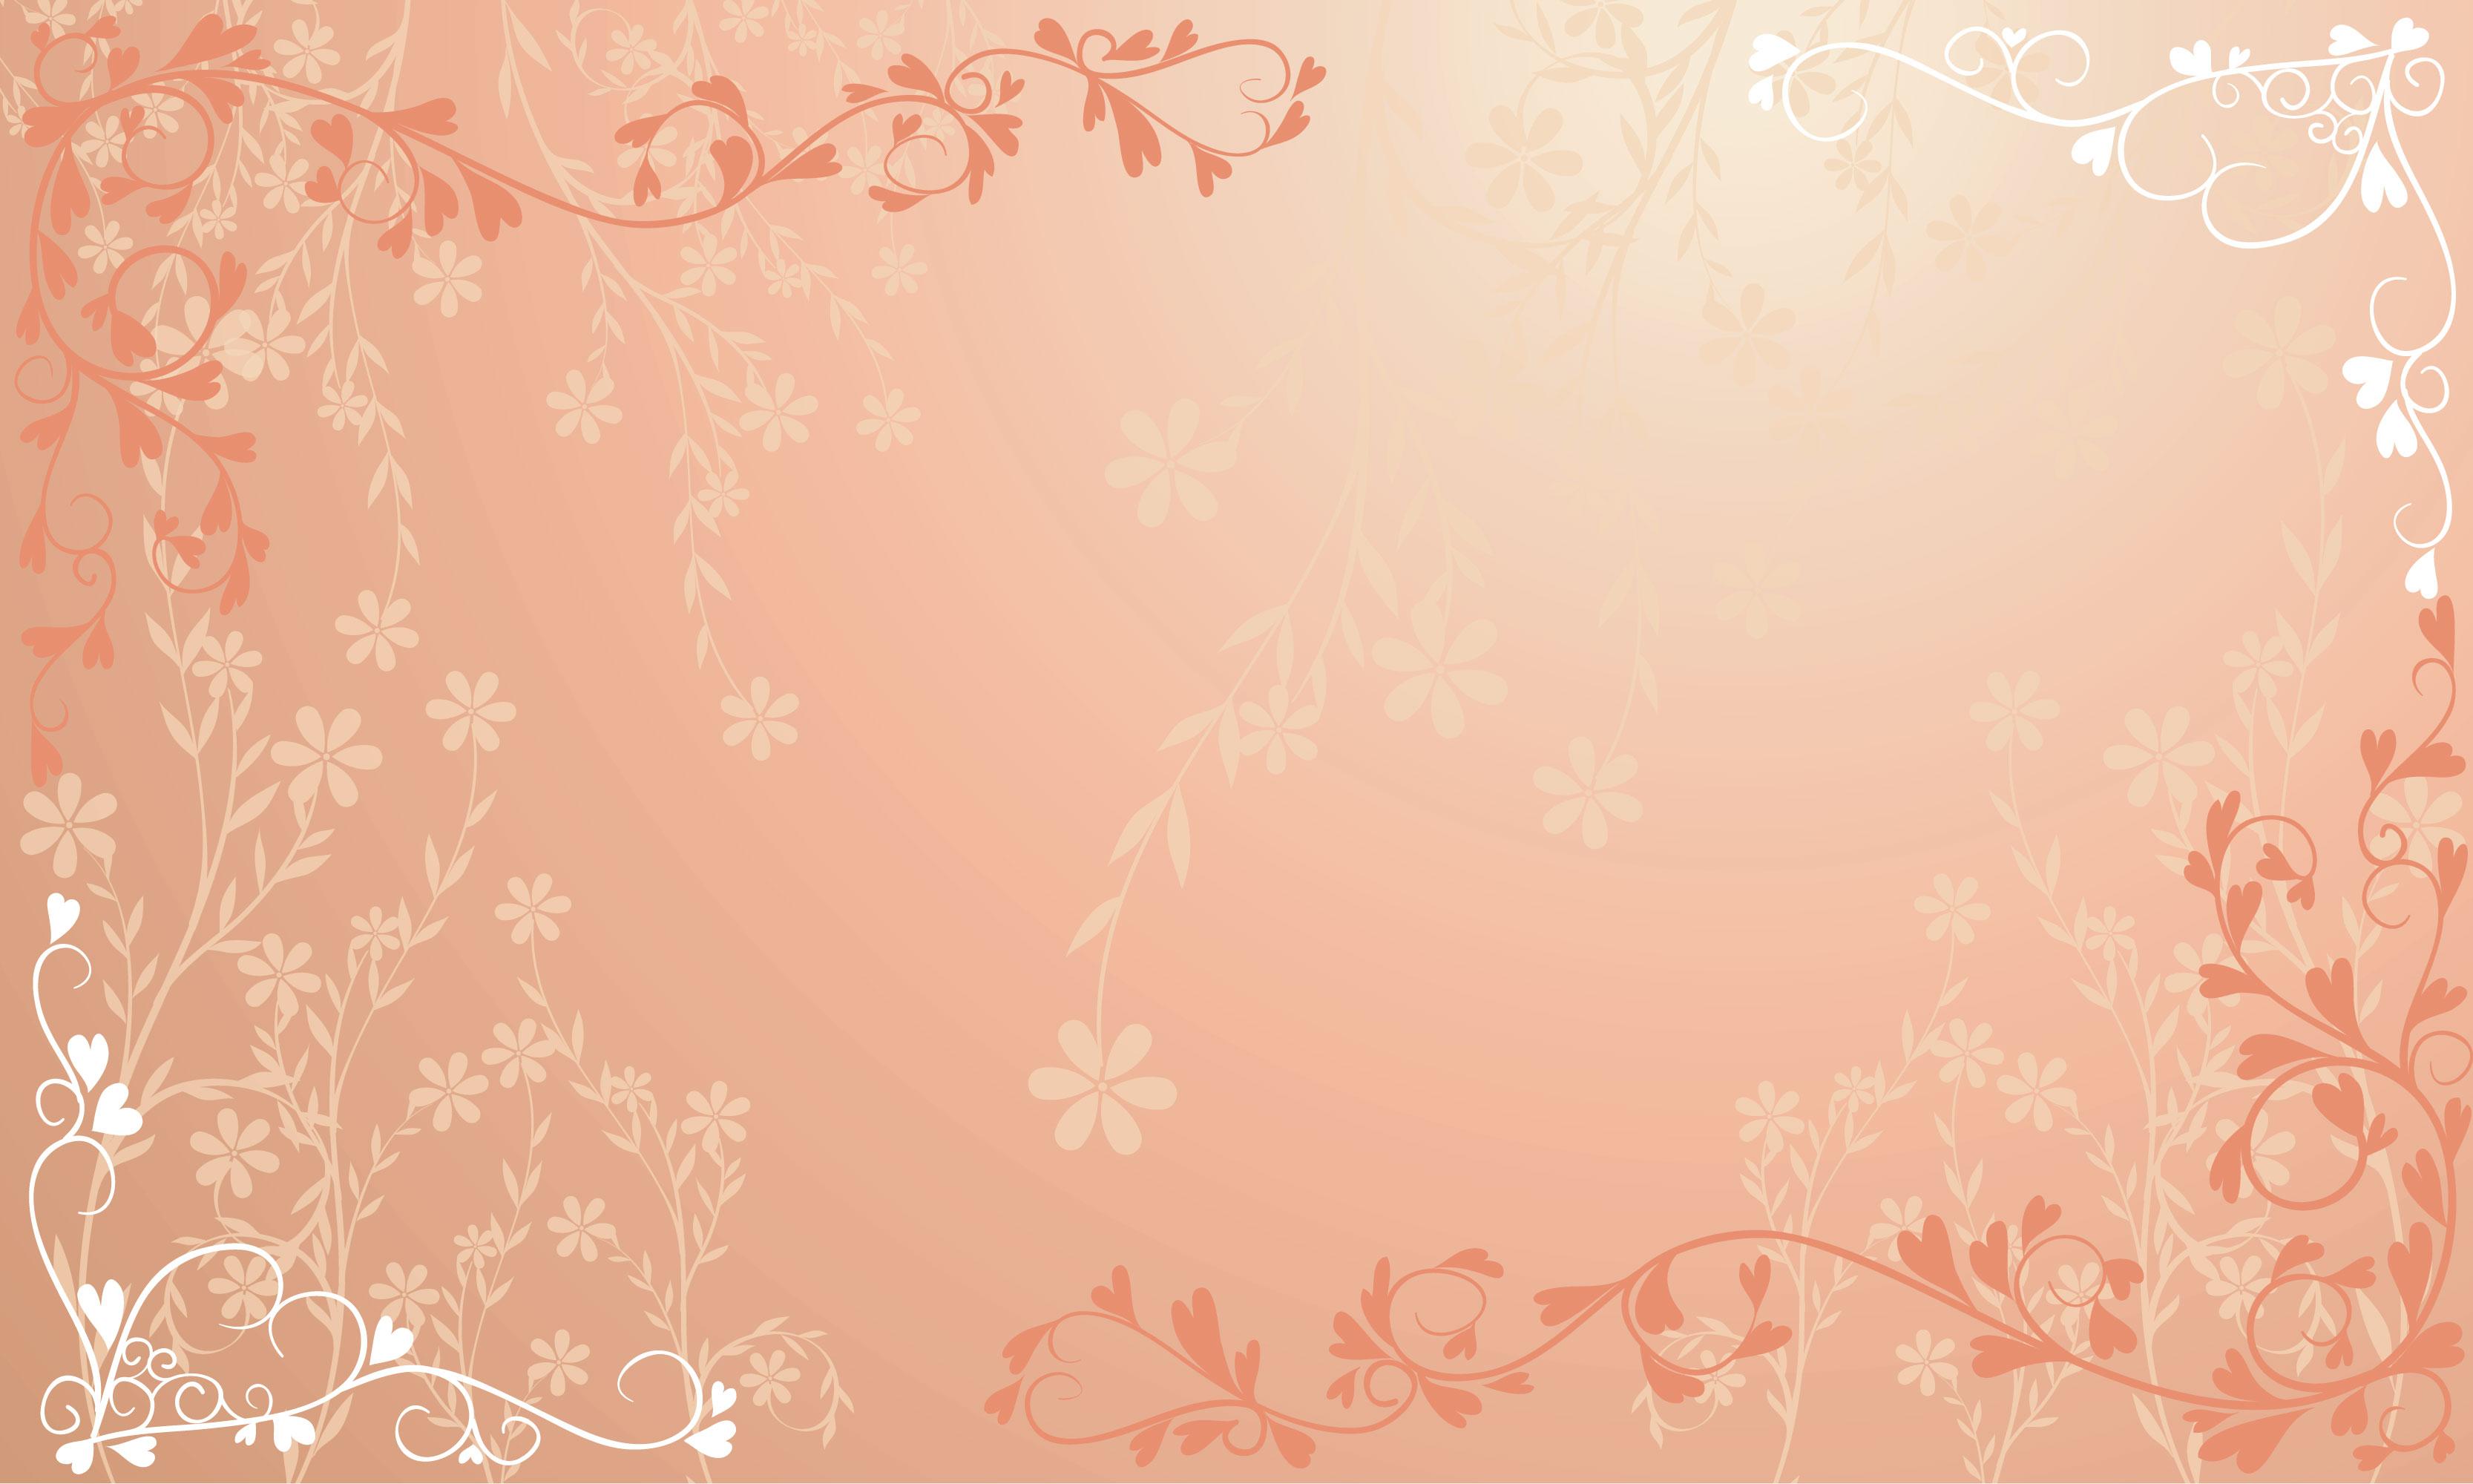 花のイラスト・フリー素材/壁紙・背景no.064『赤・ハート・淡い色彩』